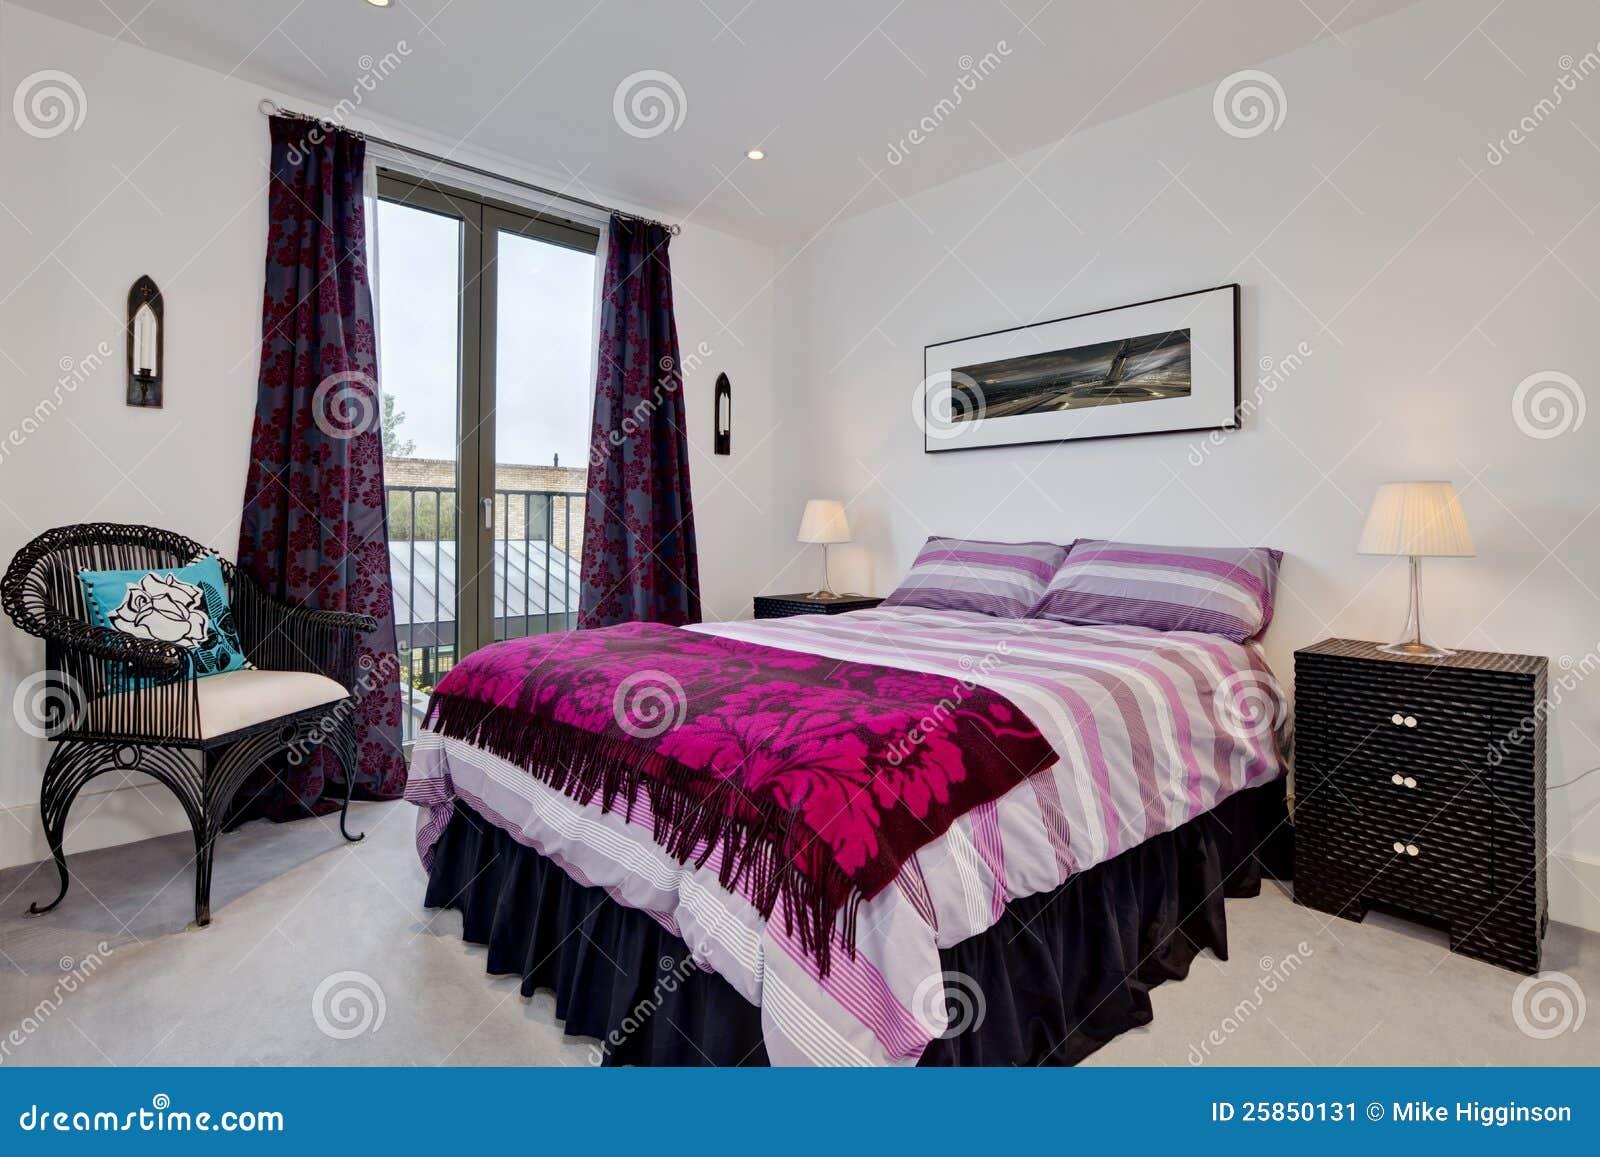 Int rieur moderne de chambre coucher image stock image for Interieur chambre a coucher